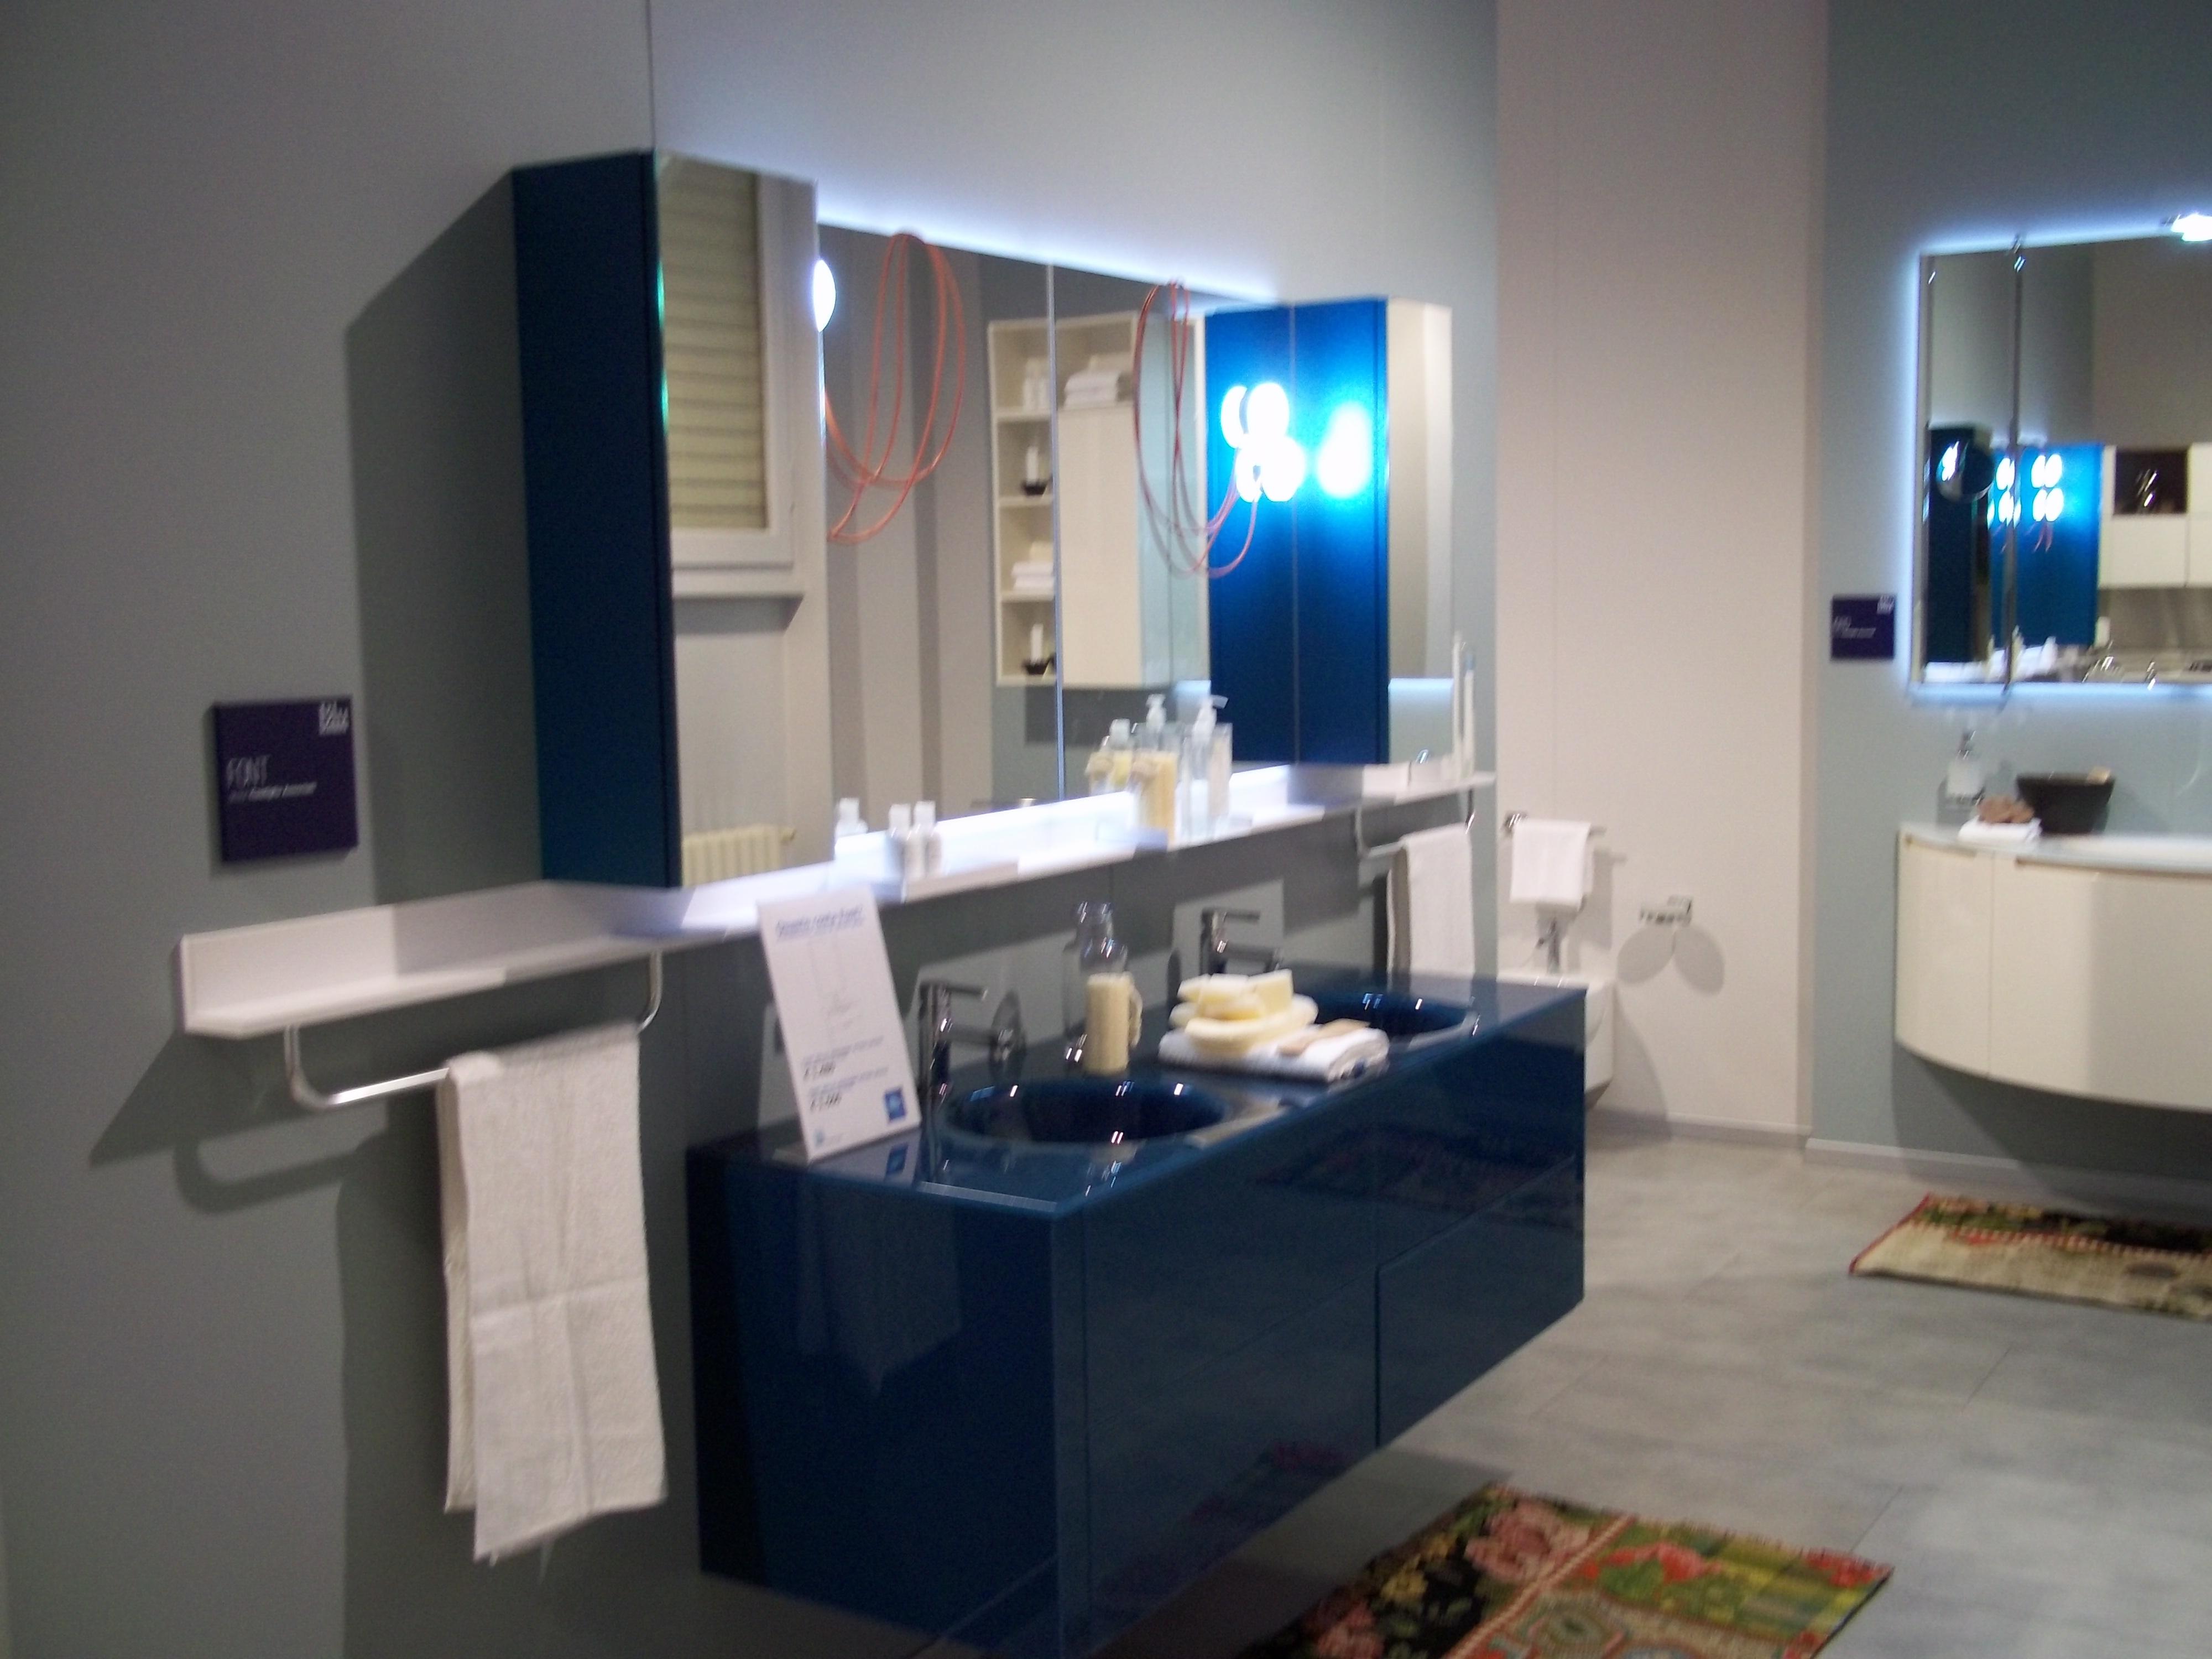 Offerta scavolini font vetro arredo bagno a prezzi scontati - Mobili bagno blu ...